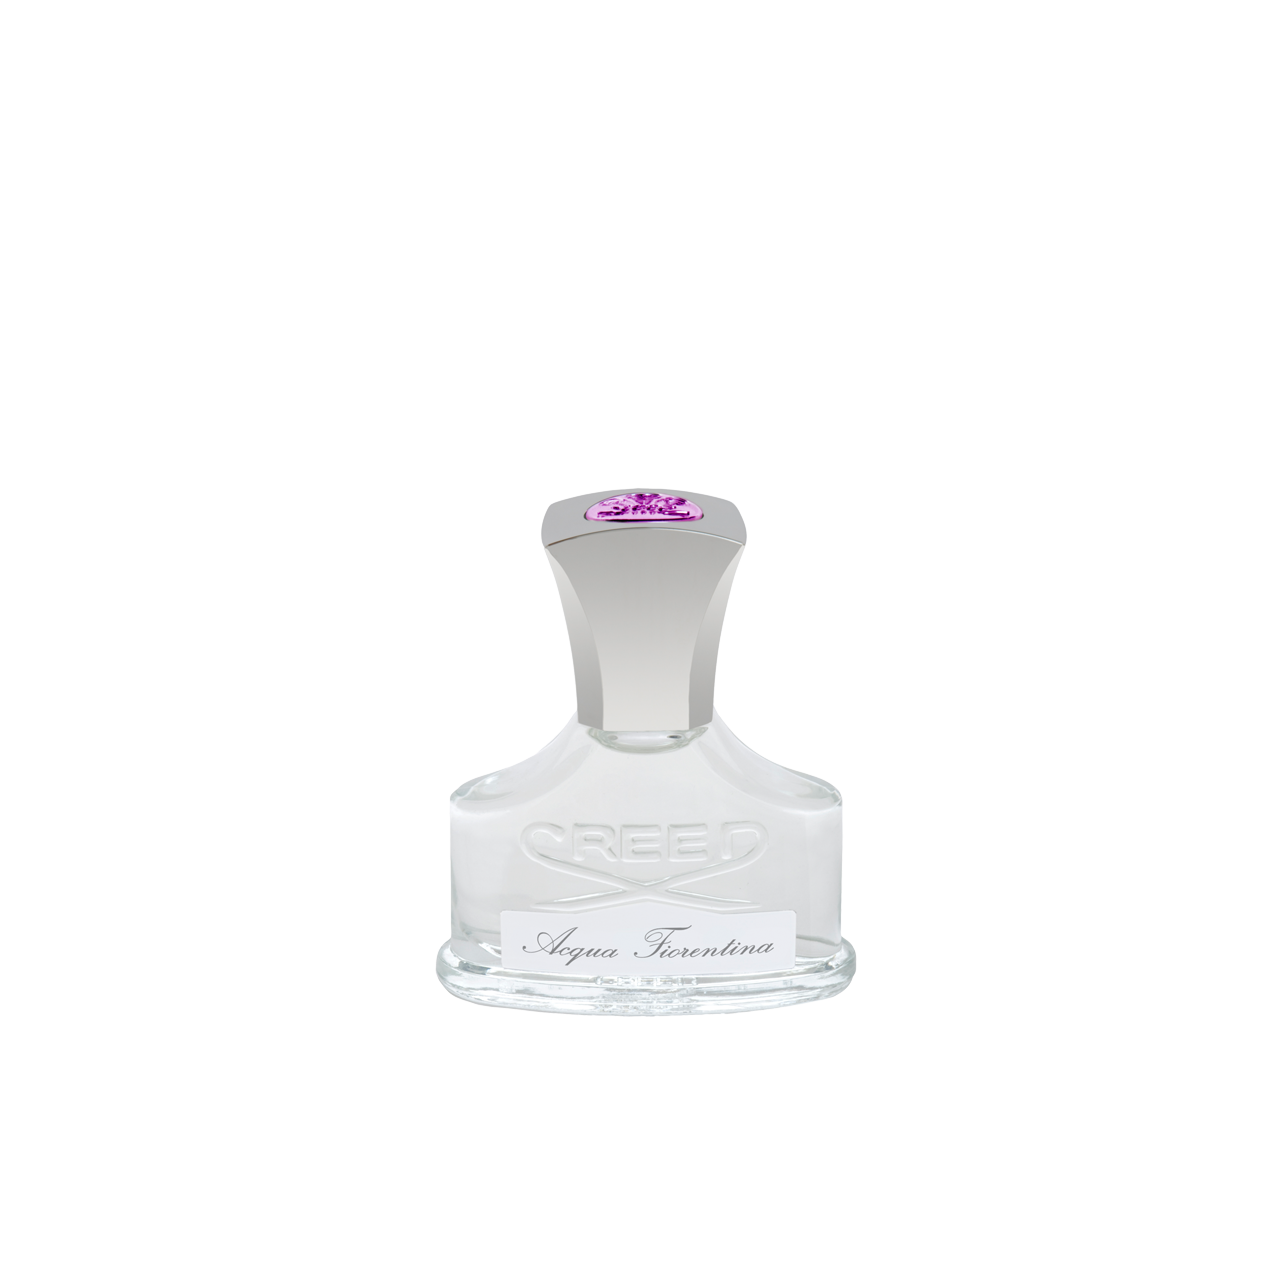 Acqua Fiorentina - Millesime